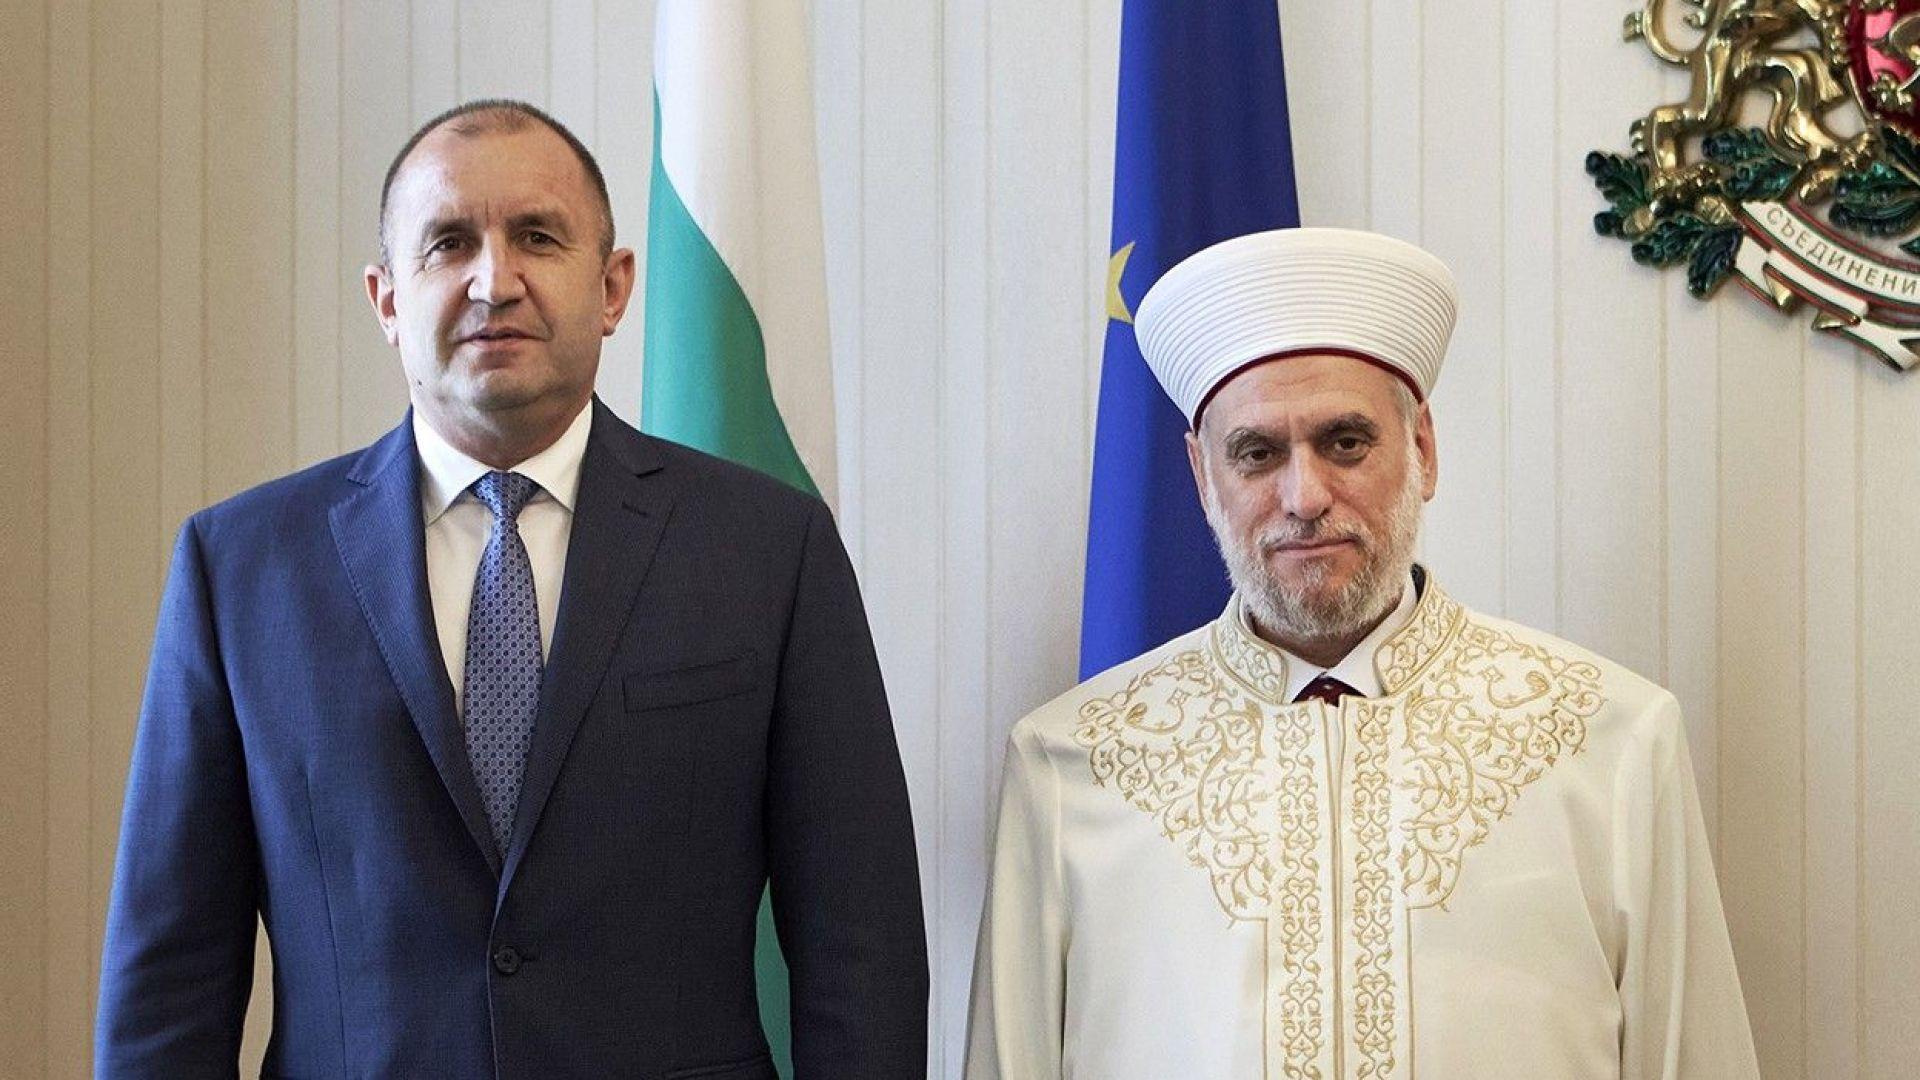 Президентът посрещна мюфтията: И религията, и политиката трябва да са грижа за хората